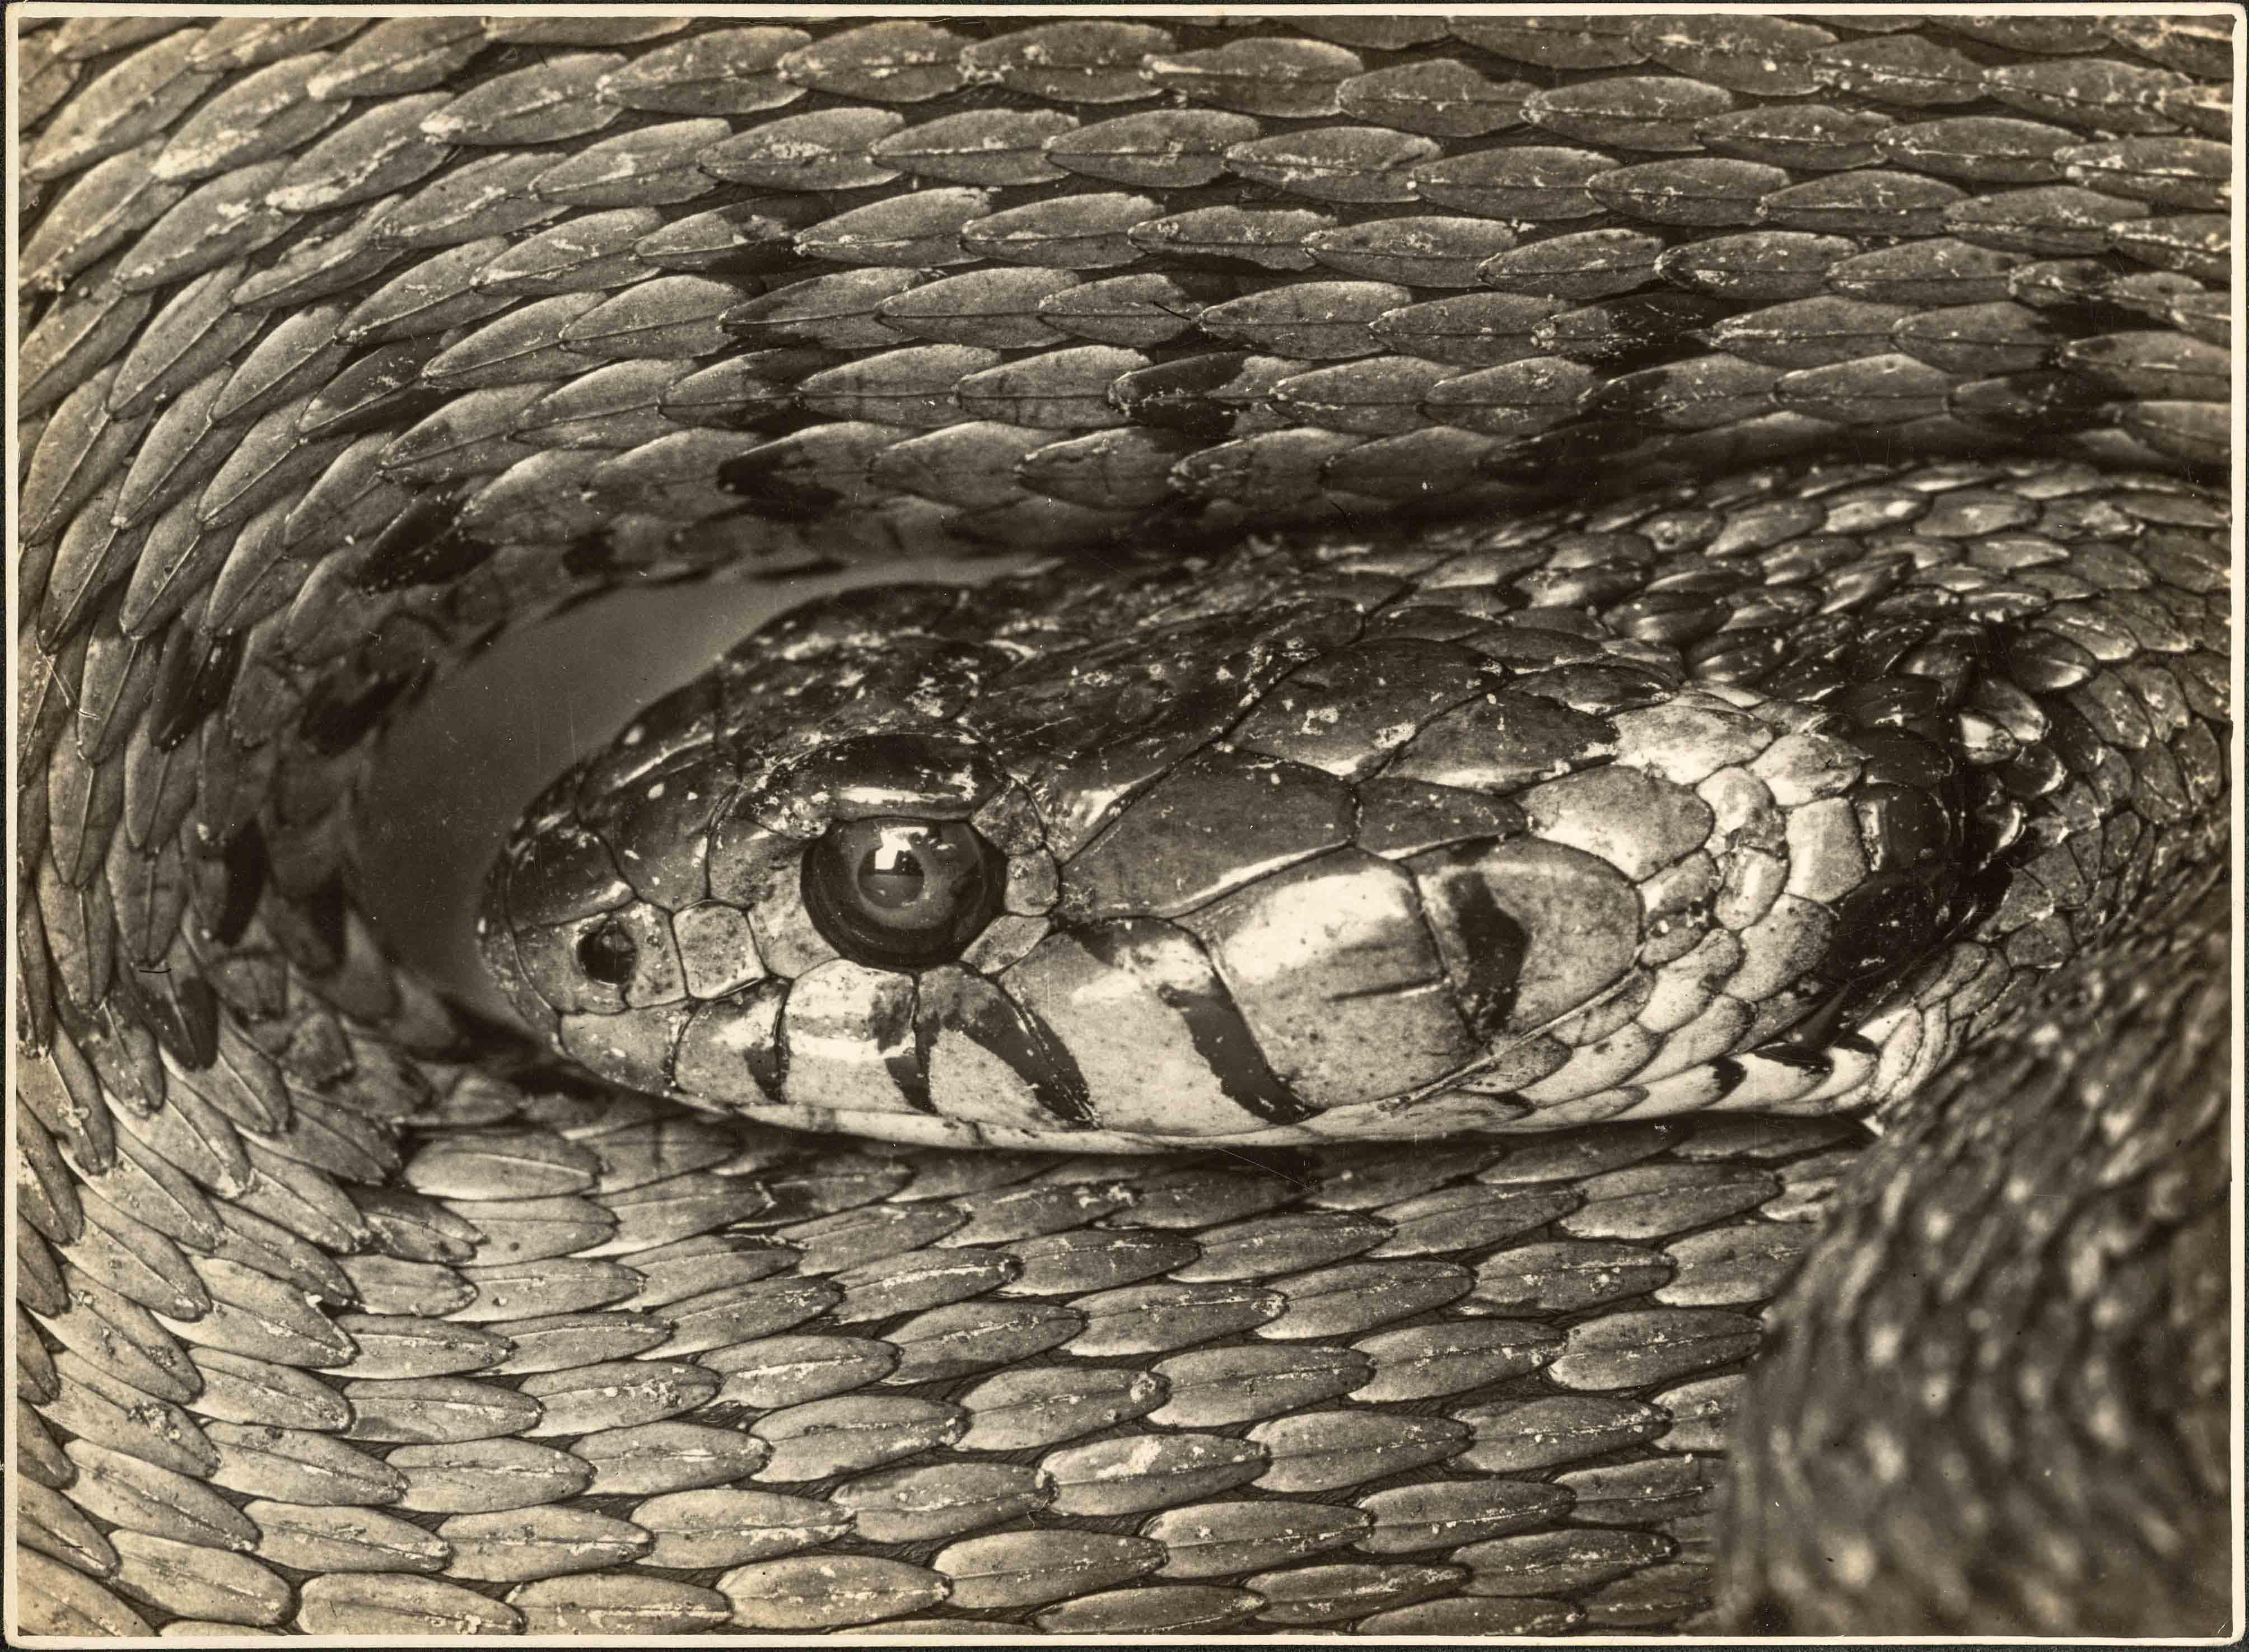 ALBERT RENGER-PATZSCH — Natterkopf [Tête de couleuvre], 1925 Galerie Berinson, Berlin © Albert Renger-Patzsch / Archiv Ann und Jürgen Wilde, Zülpich / ADAGP, Paris 2017